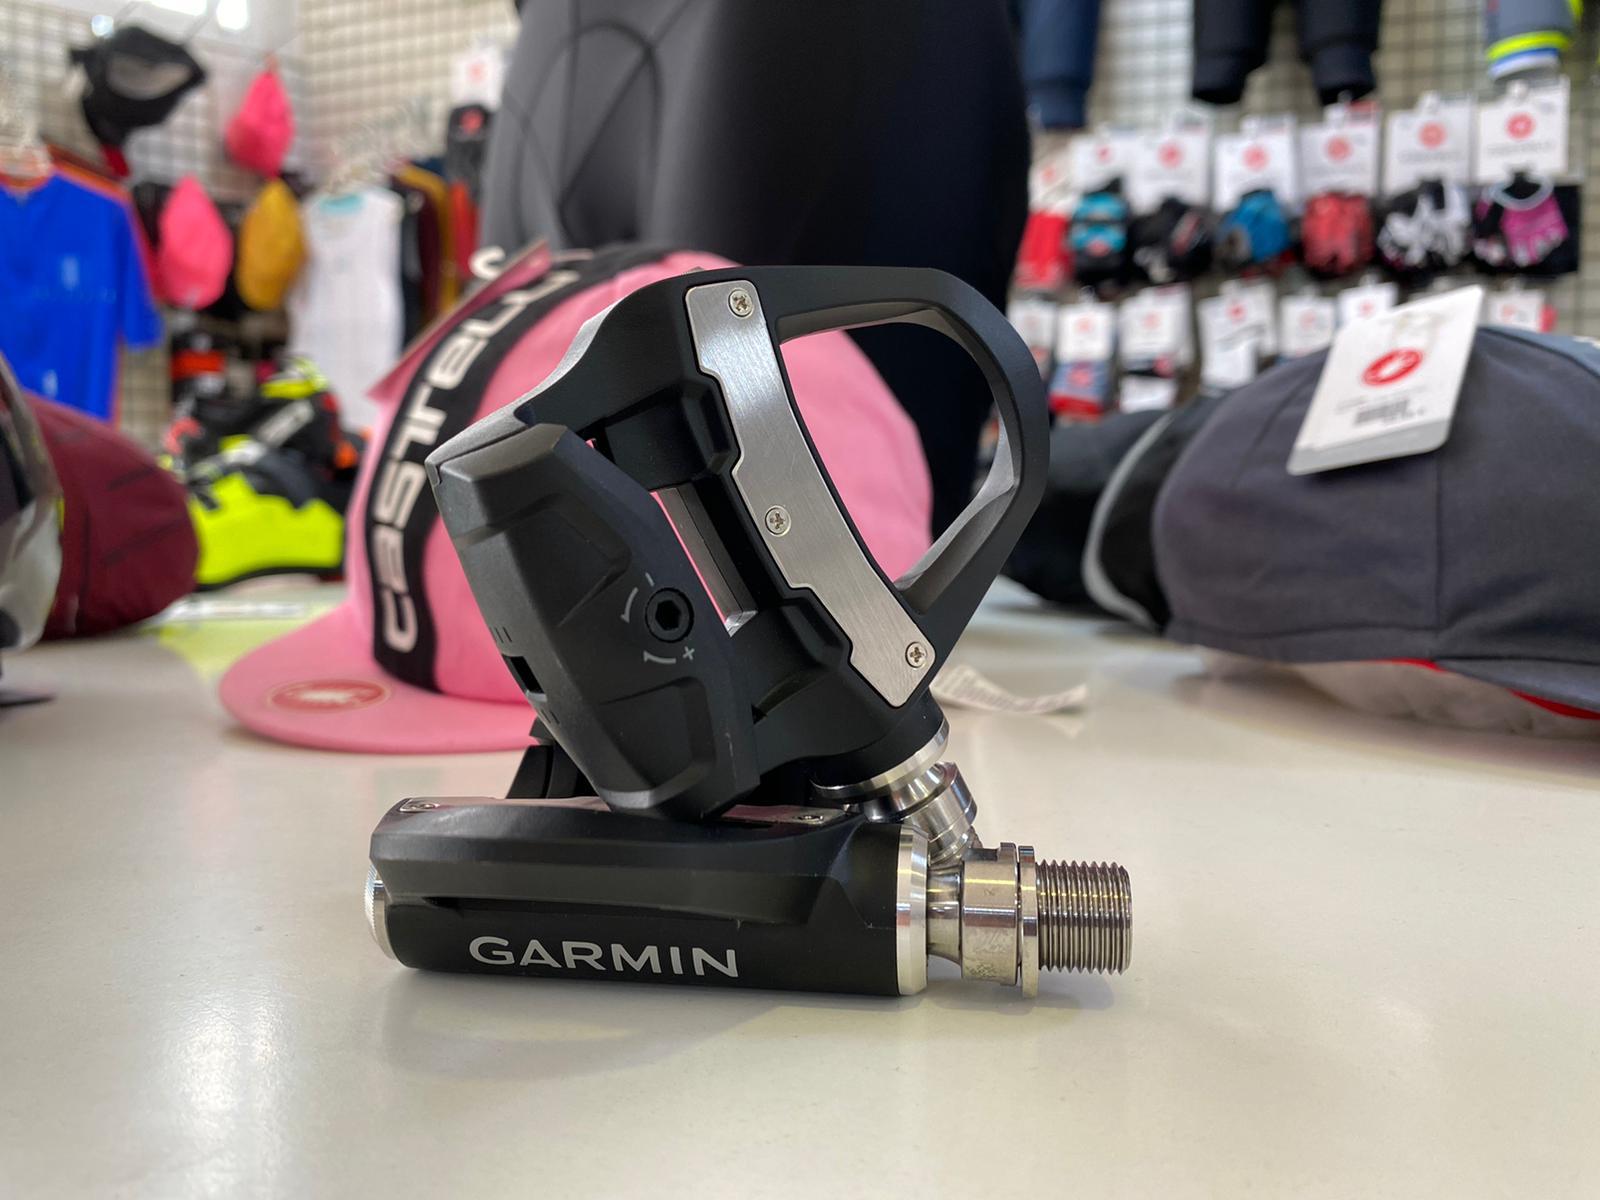 Garmin Vector 3 Powermeter- Bike Point Tenerife Bike Hire & Bike Rental